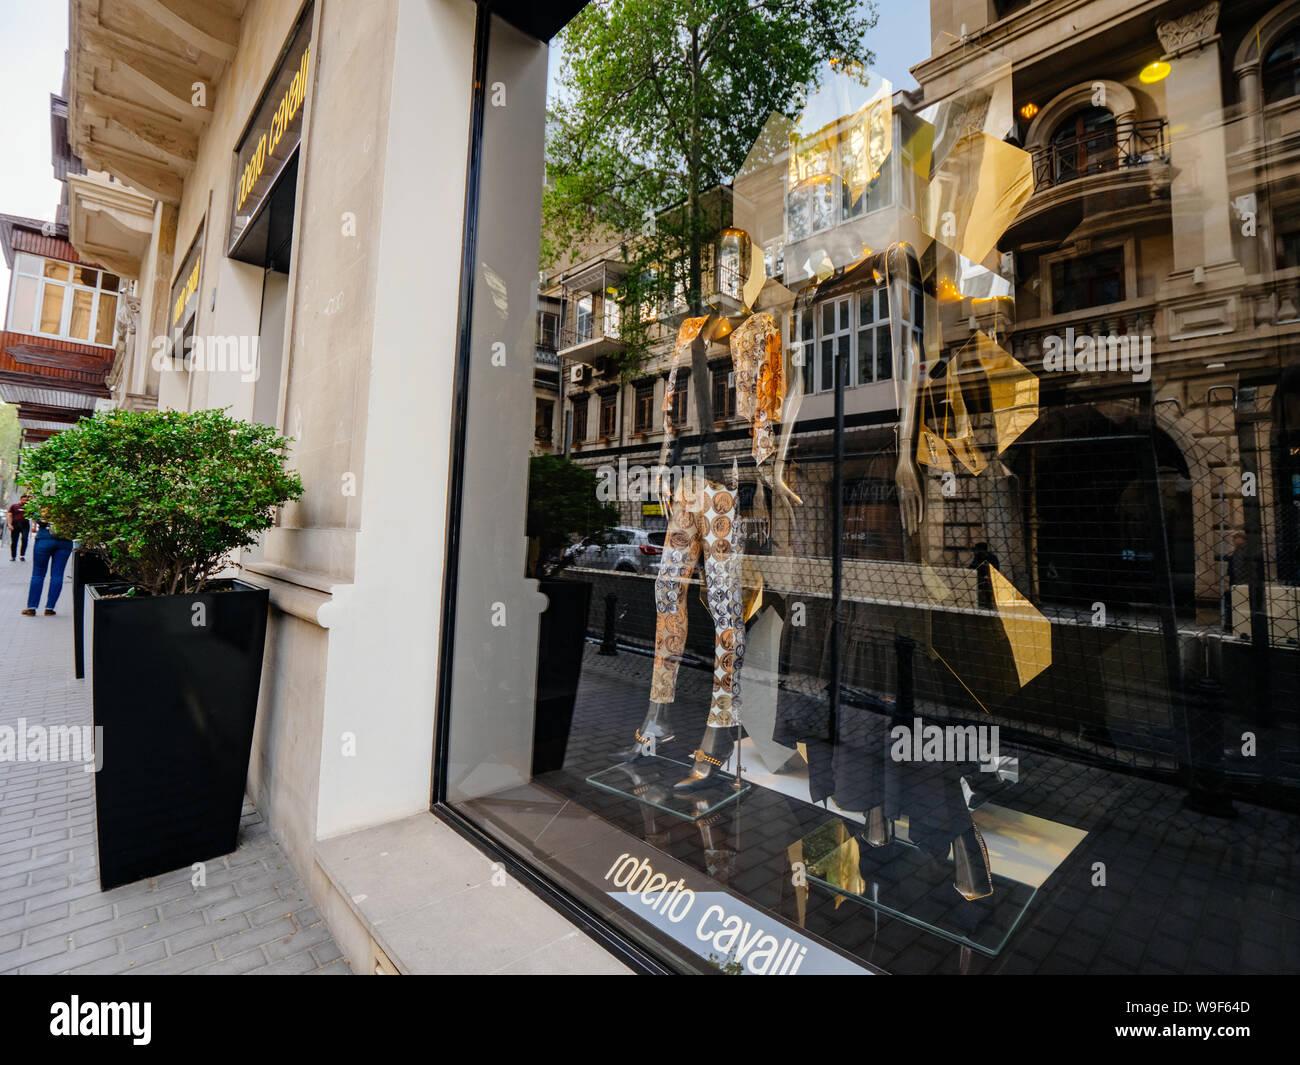 Baku, Azerbaijan - May 2, 2019: Facade showcase of Roberto Cavalli flagship store on the central boulevard in Azeri capital Stock Photo